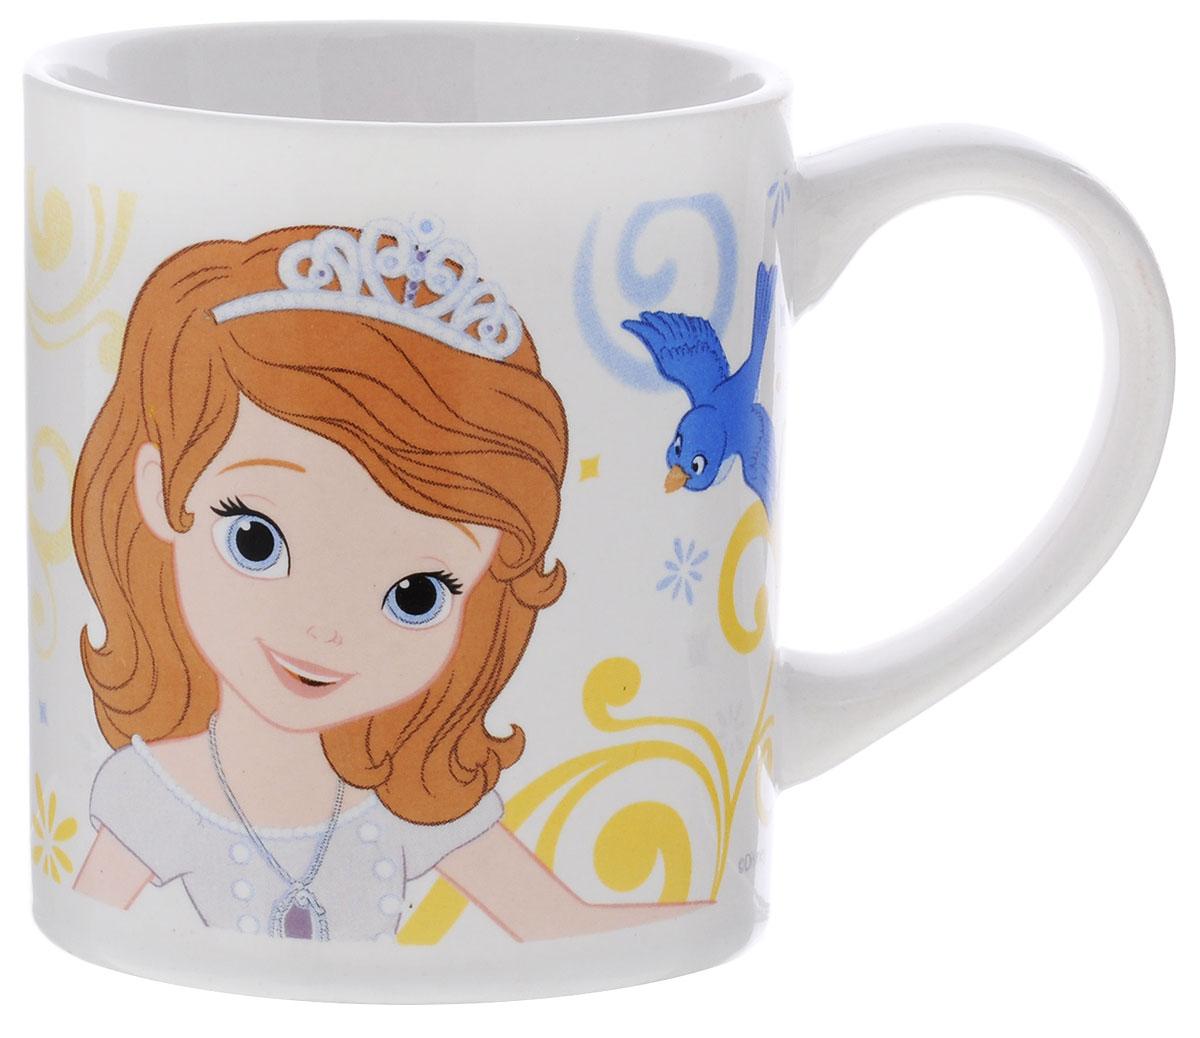 Stor Кружка детская Принцесса София Прекрасная 220 мл78506Детская кружка Stor Принцесса София Прекрасная из серии Stor Disney Princess с любимой героиней станет отличным подарком для вашей малышки. Она выполнена из керамики и оформлена изображением принцессы Софии. Кружка дополнена удобной ручкой. Такой подарок станет не только приятным, но и практичным сувениром: кружка будет незаменимым атрибутом чаепития, а оригинальное оформление кружки добавит ярких эмоций и хорошего настроения.Можно использовать в СВЧ-печи и посудомоечной машине.